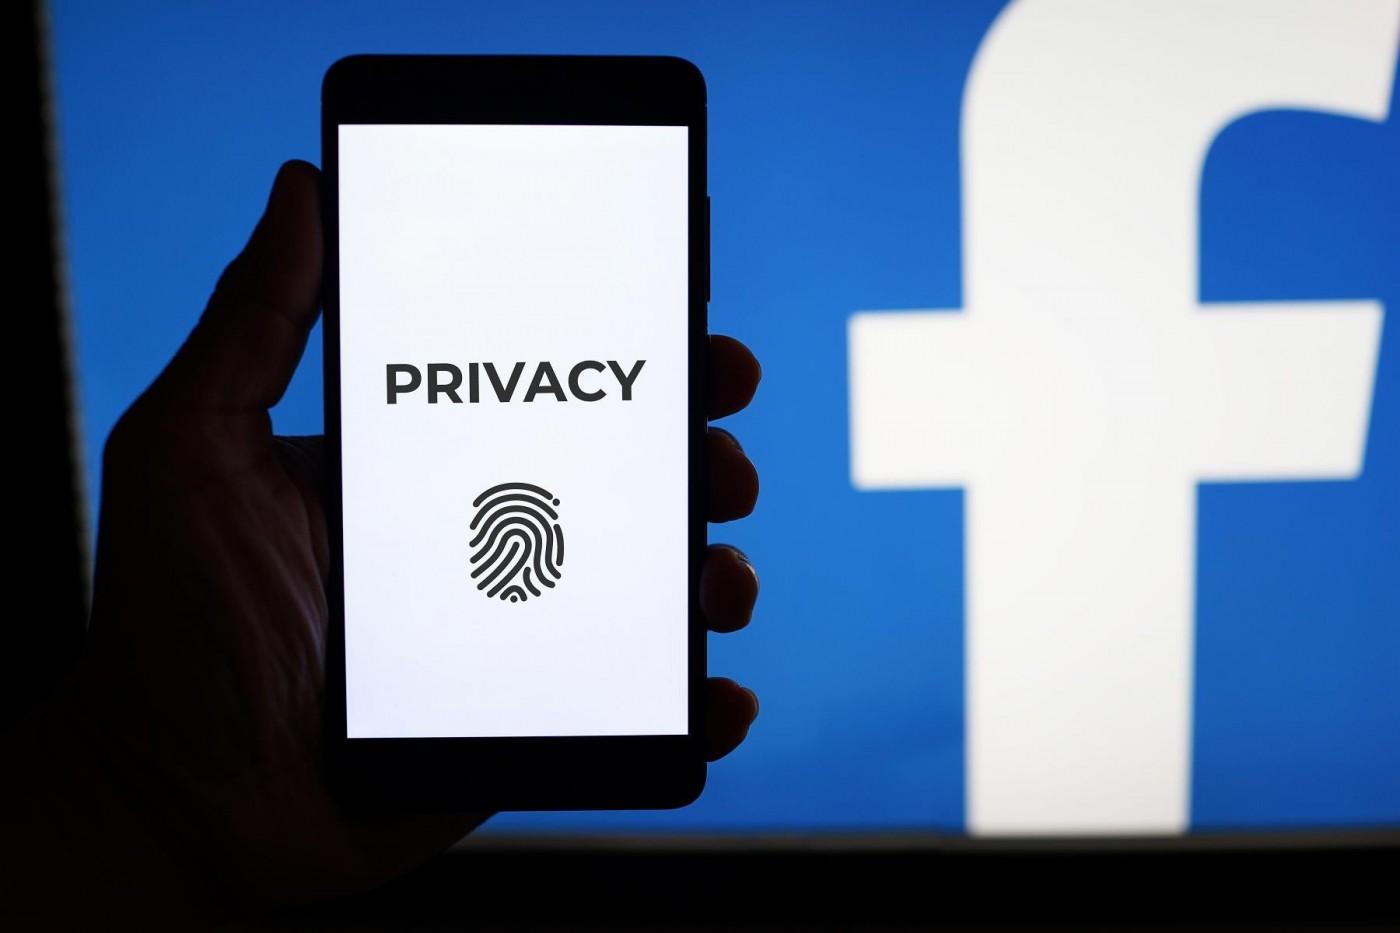 新版iOS作業系統重擊網路廣告營收,Facebook將對蘋果進行反擊